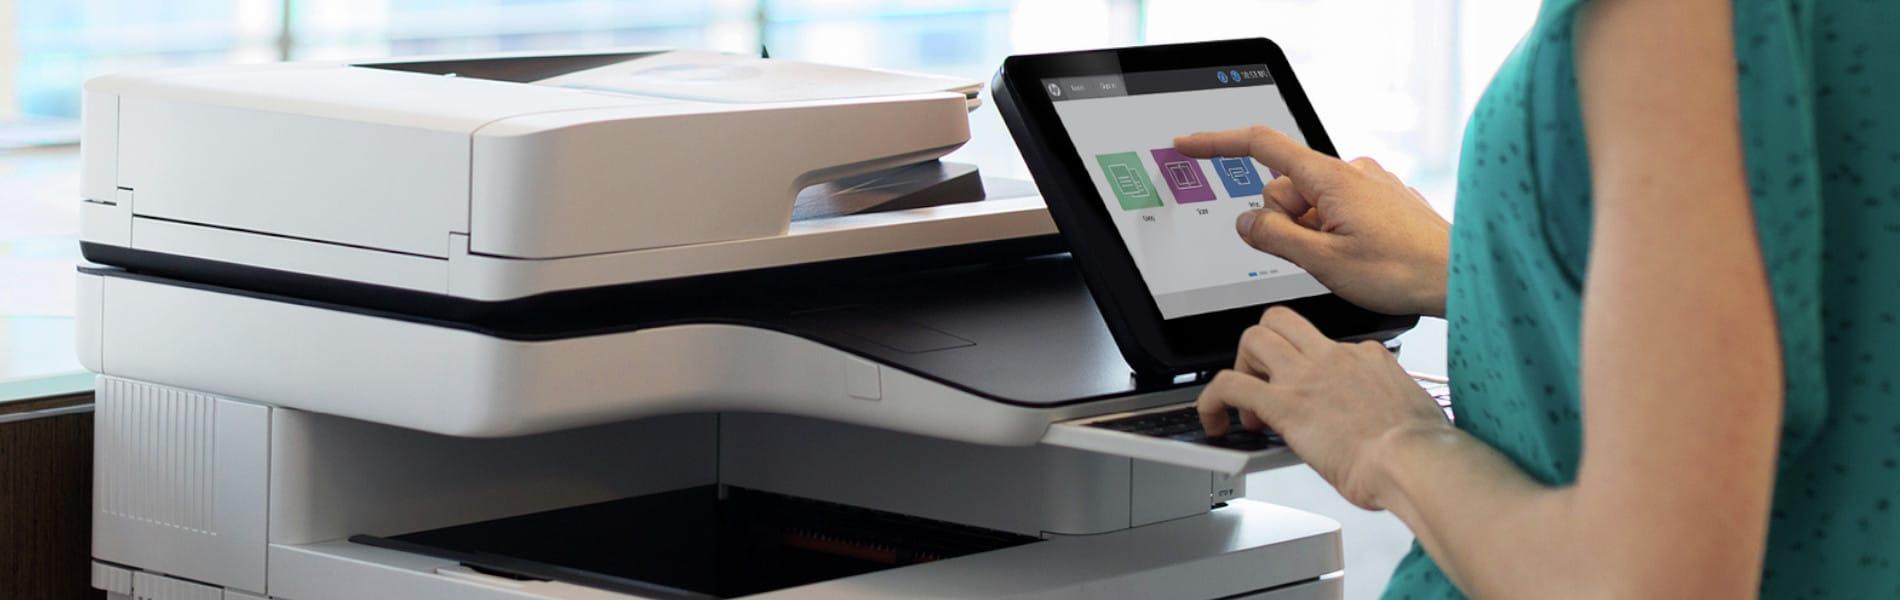 Eine Festplatte in Drucker oder Kopierer stellen oftmals ein Sicherheitsrisiko dar. Wir zeigen Ihnen, wie Sie Ihre Daten schützen und sicher löschen!